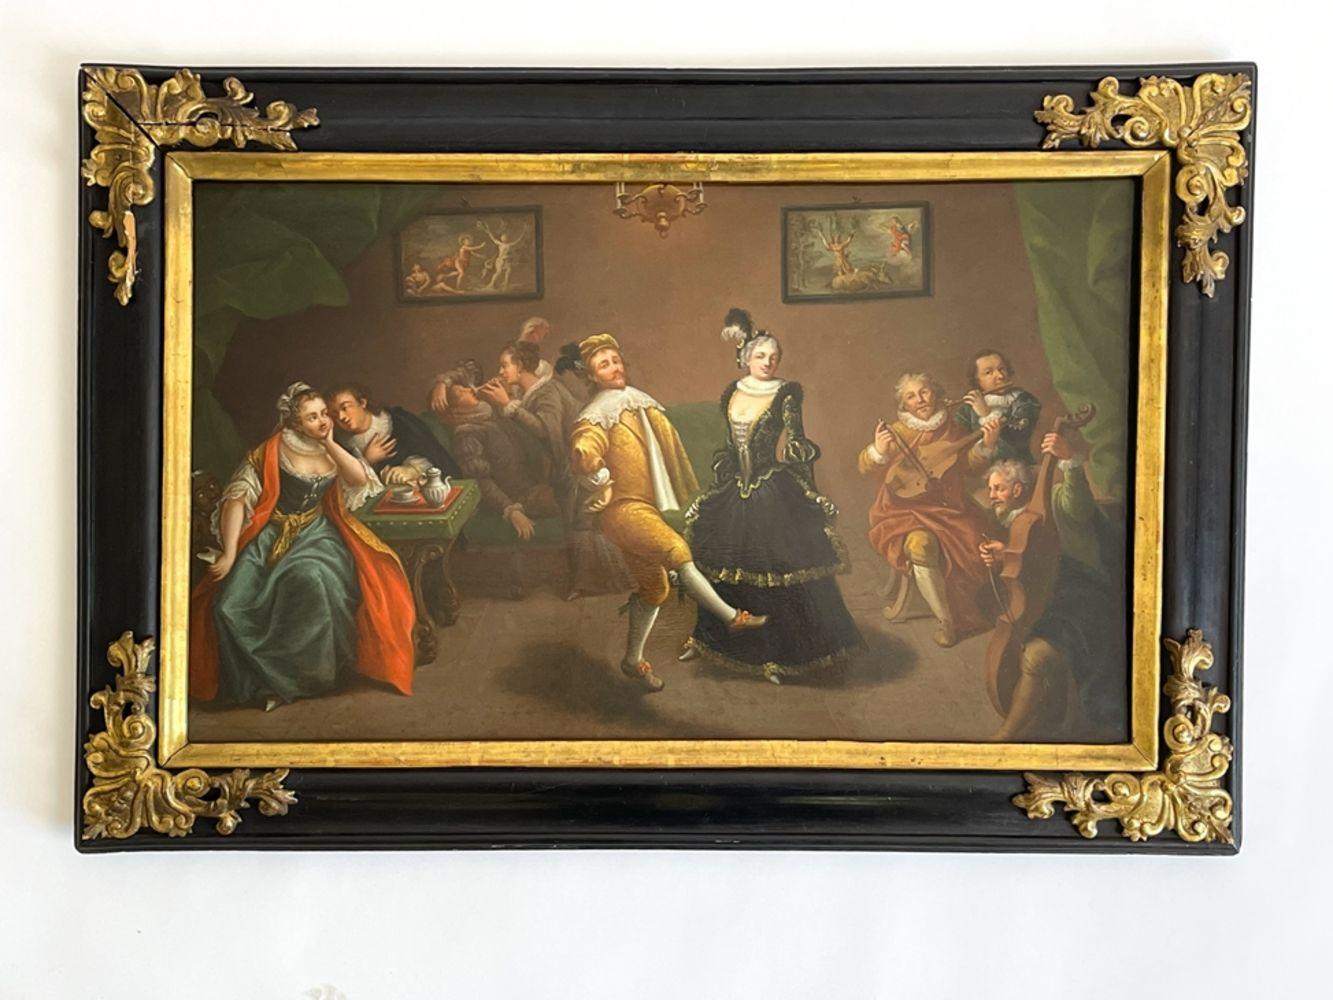 Kunst & Varia Auktion